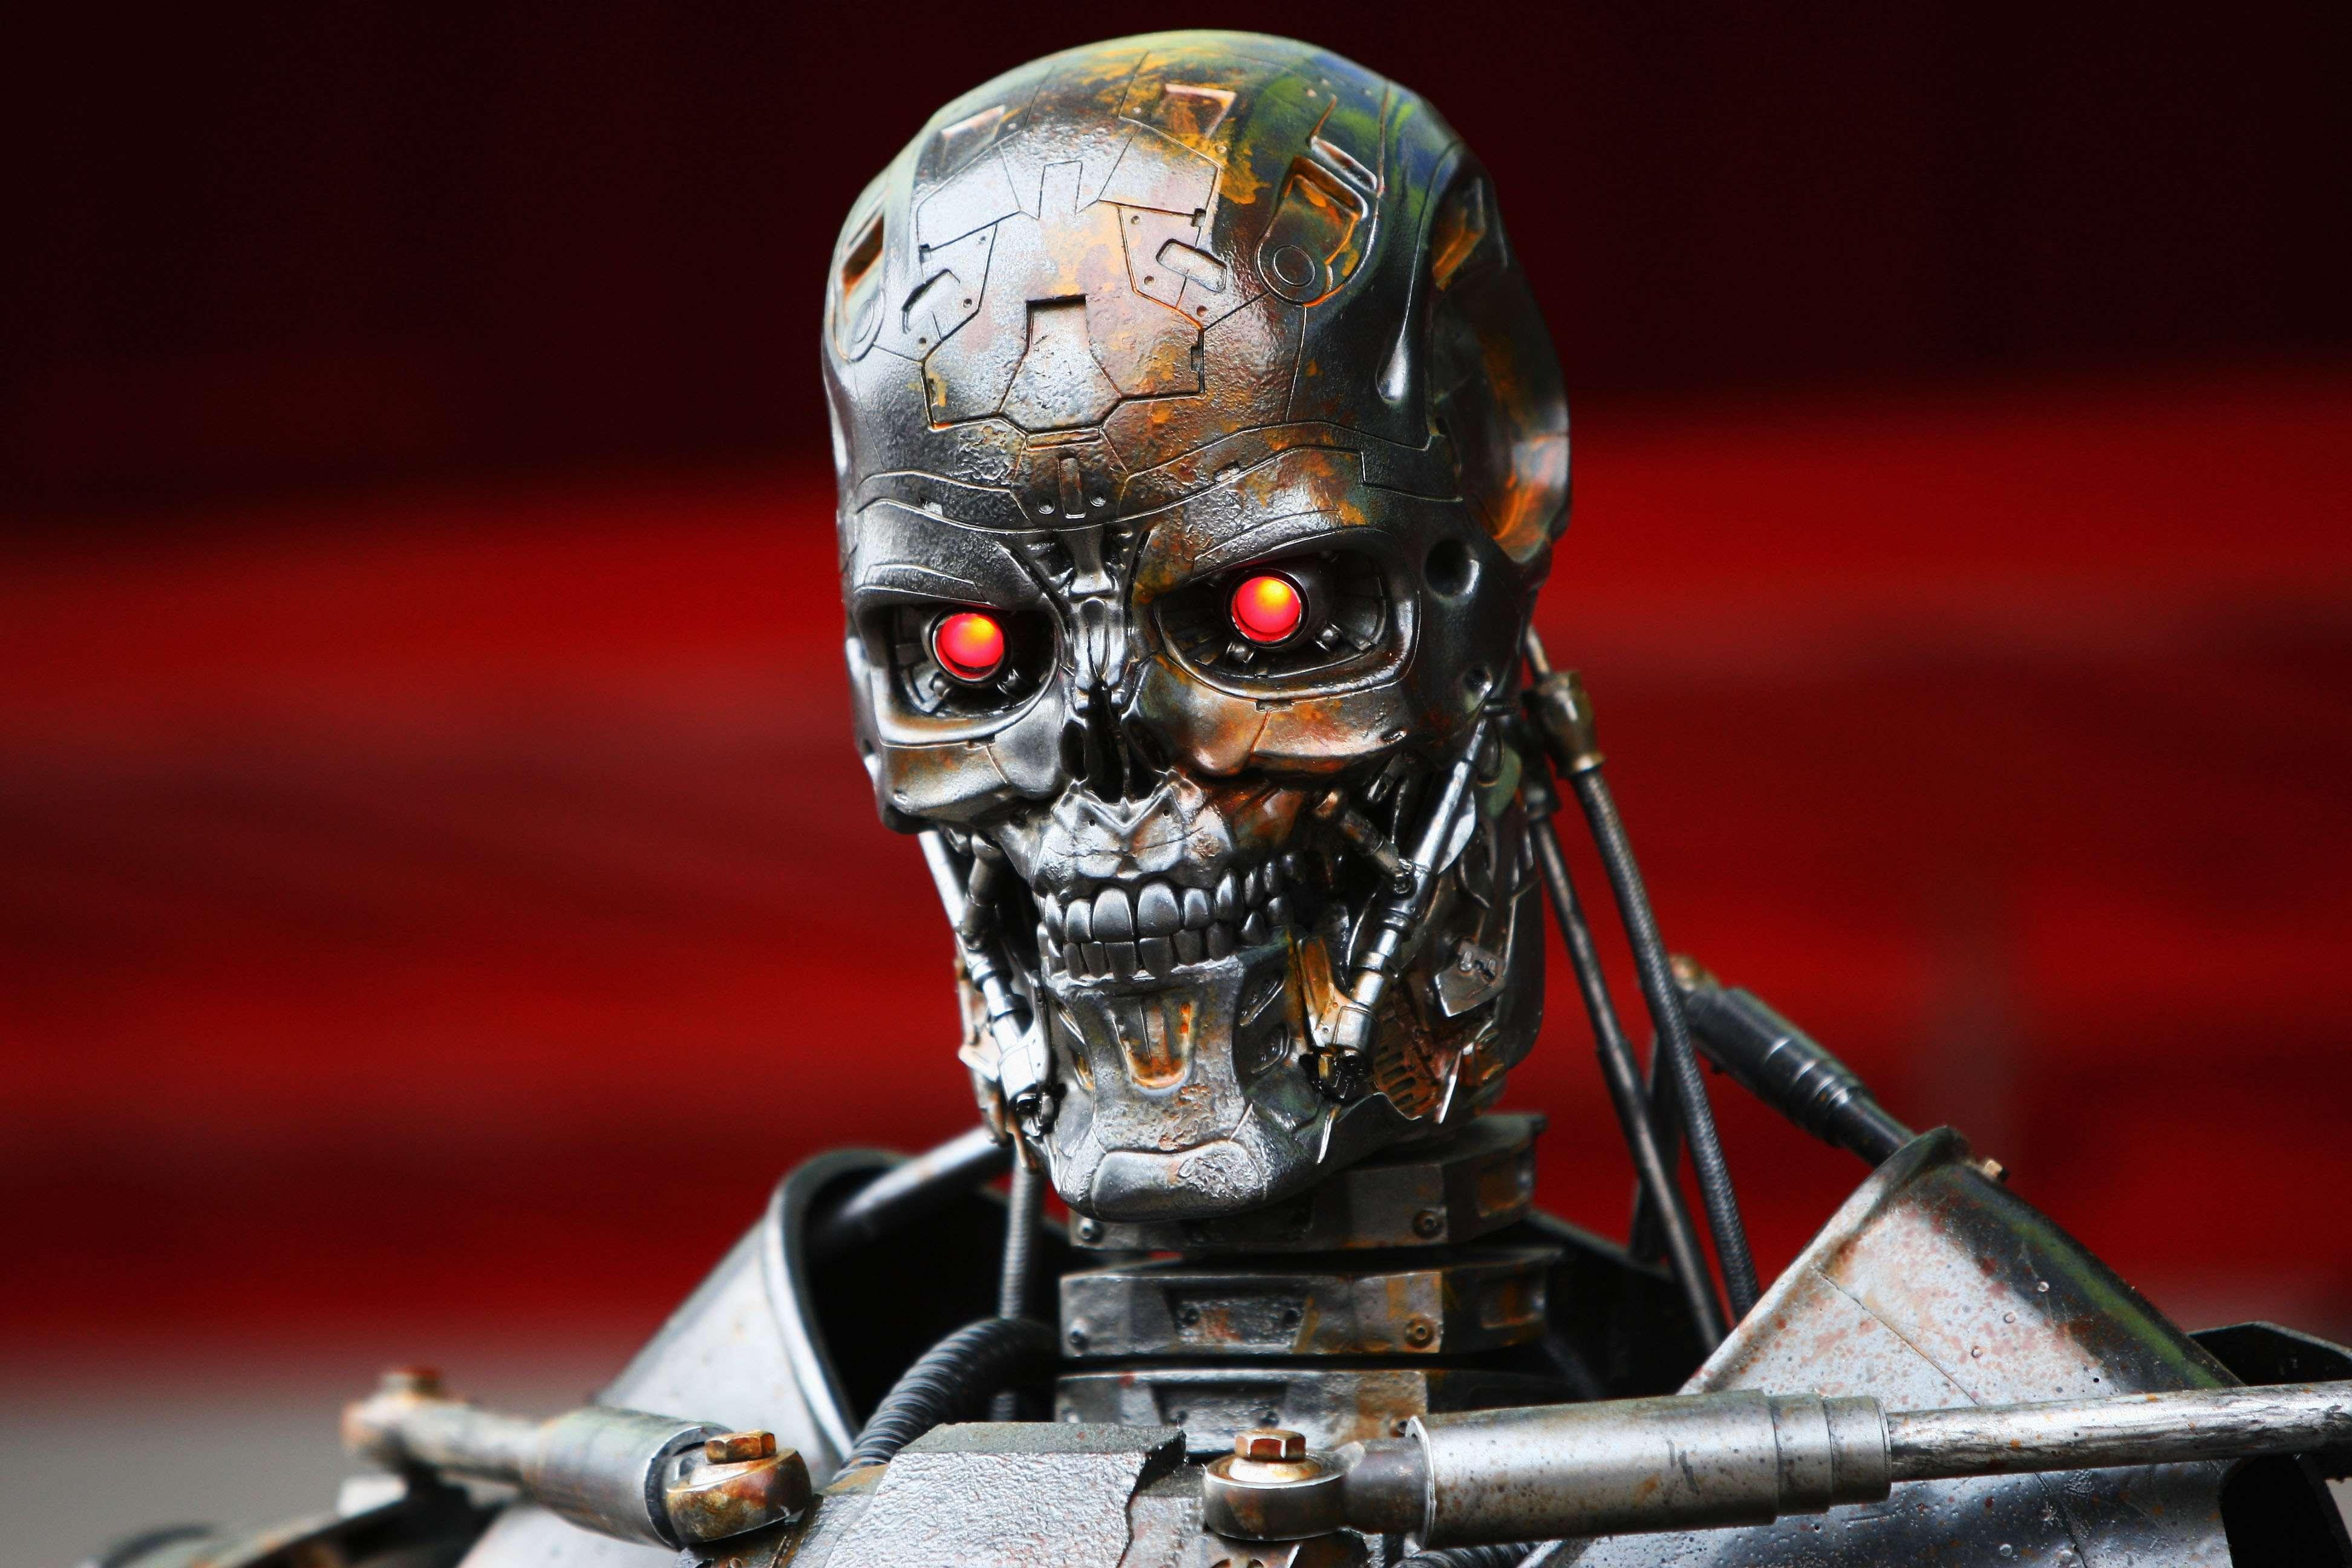 Fundadores de Google se preparan para los robots asesinos